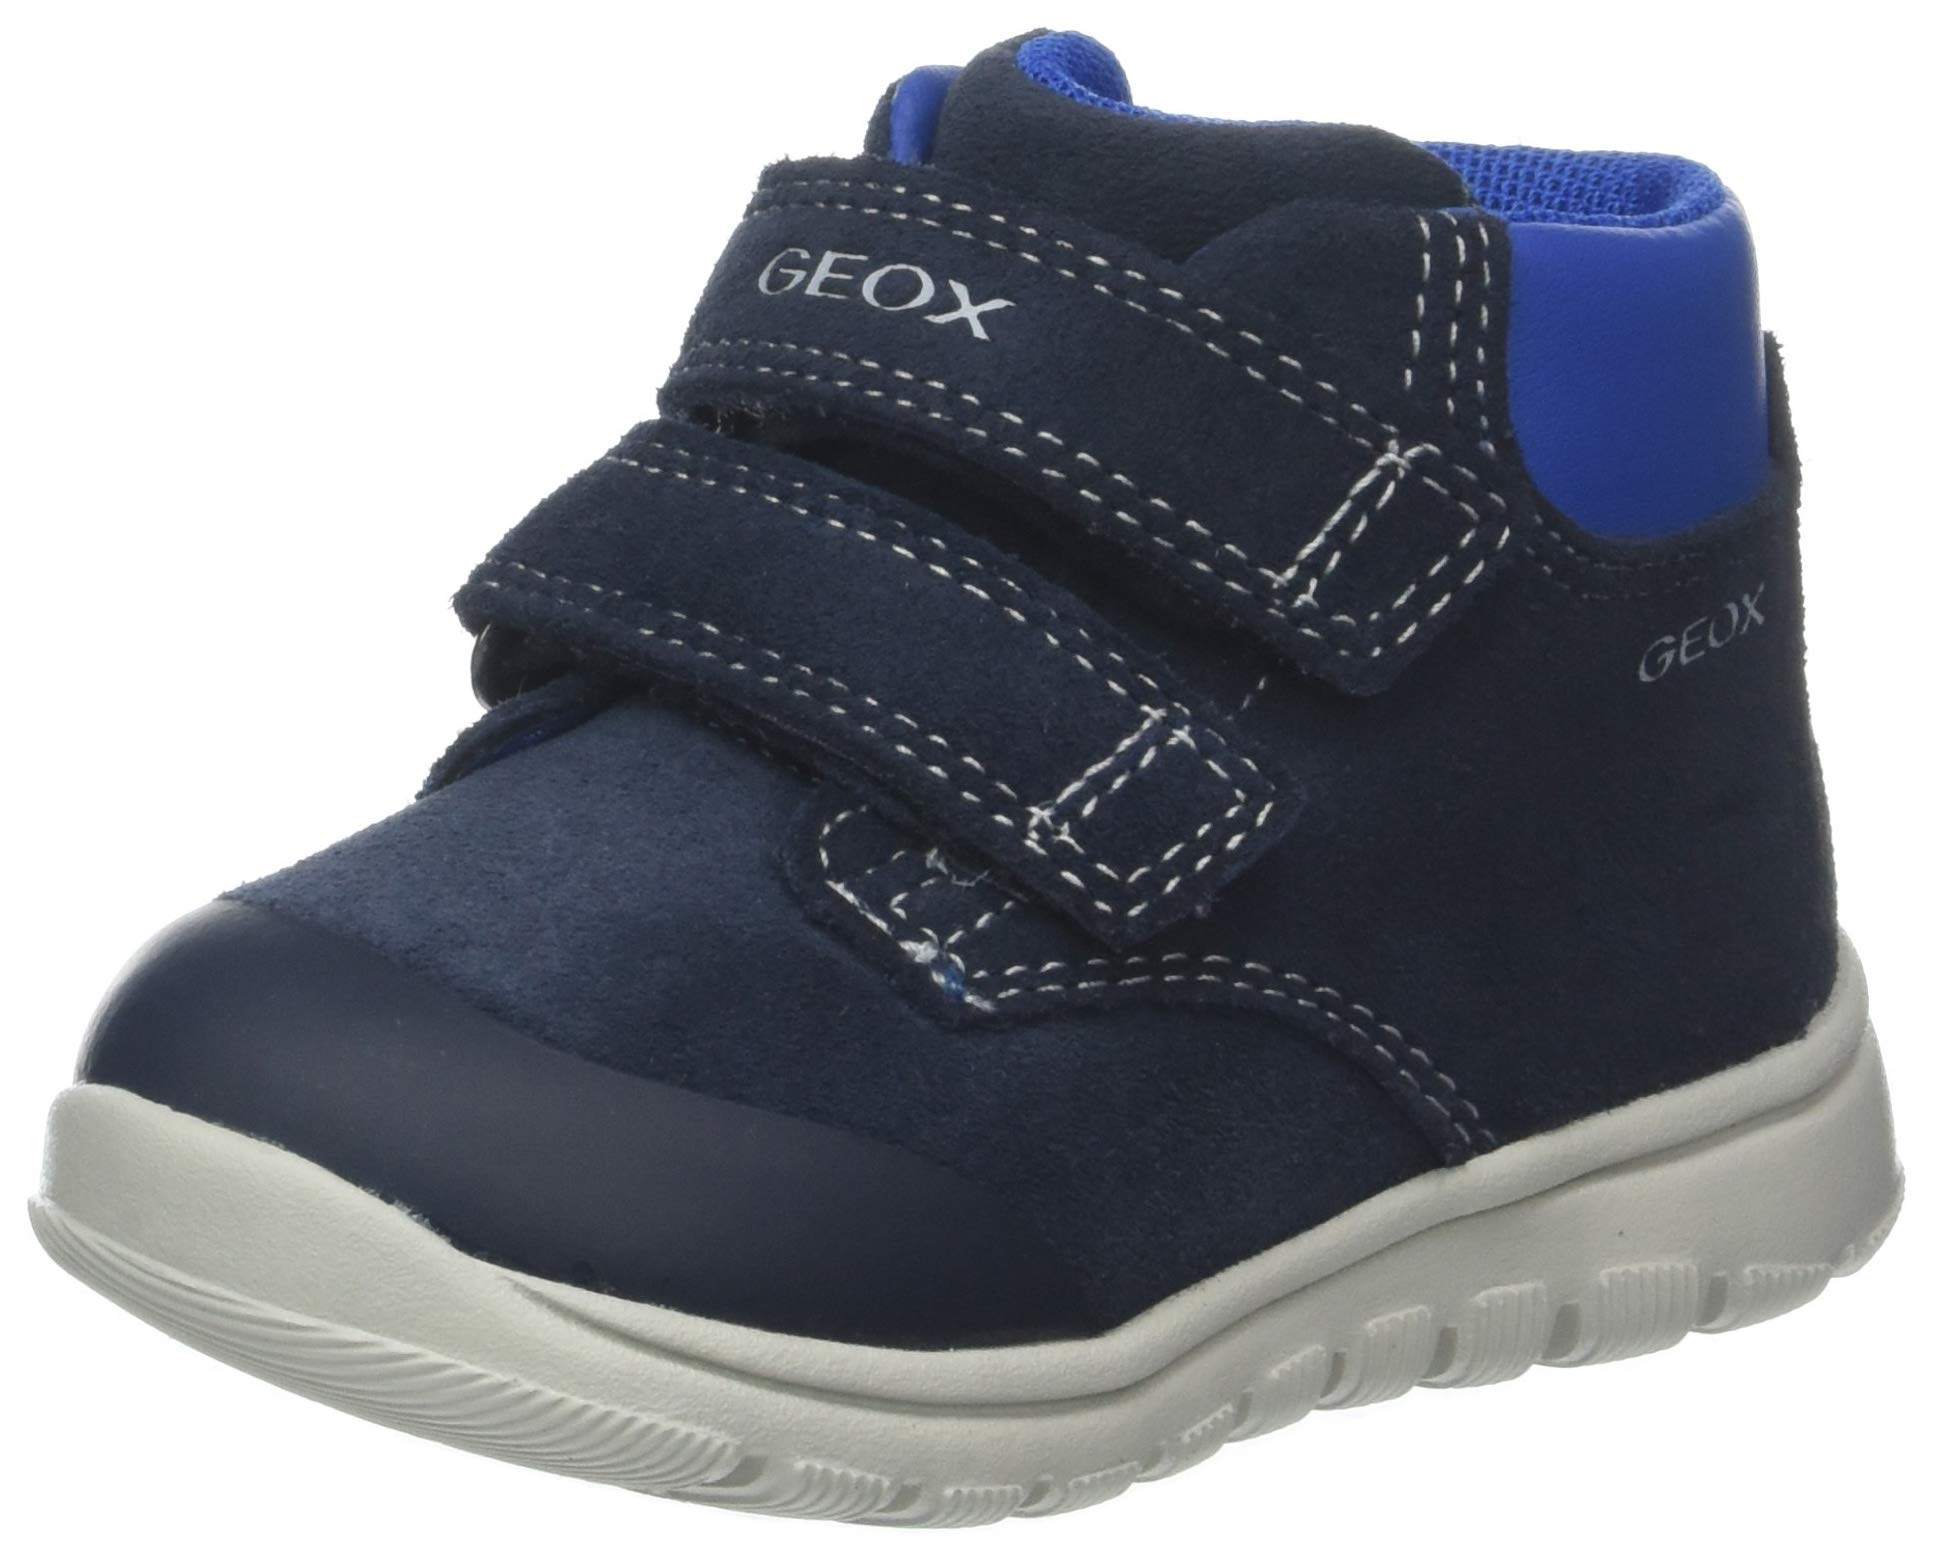 f9fa4c15610 Mejor valorados en Primeros zapatos para niños   Opiniones útiles de ...